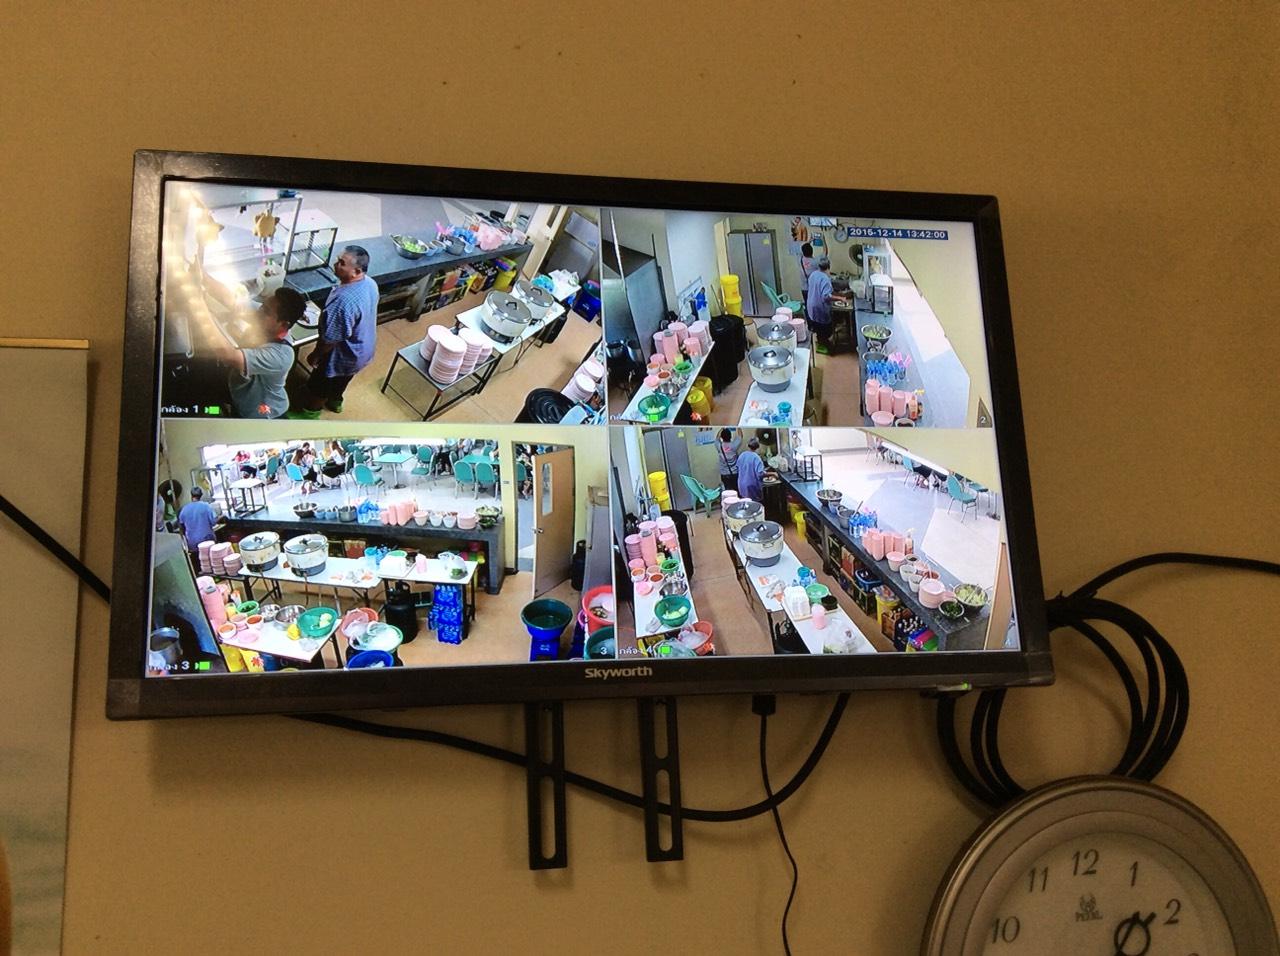 คมชัดทุกมุม กับกล้องวงจรปิดระบบ HD-CVI